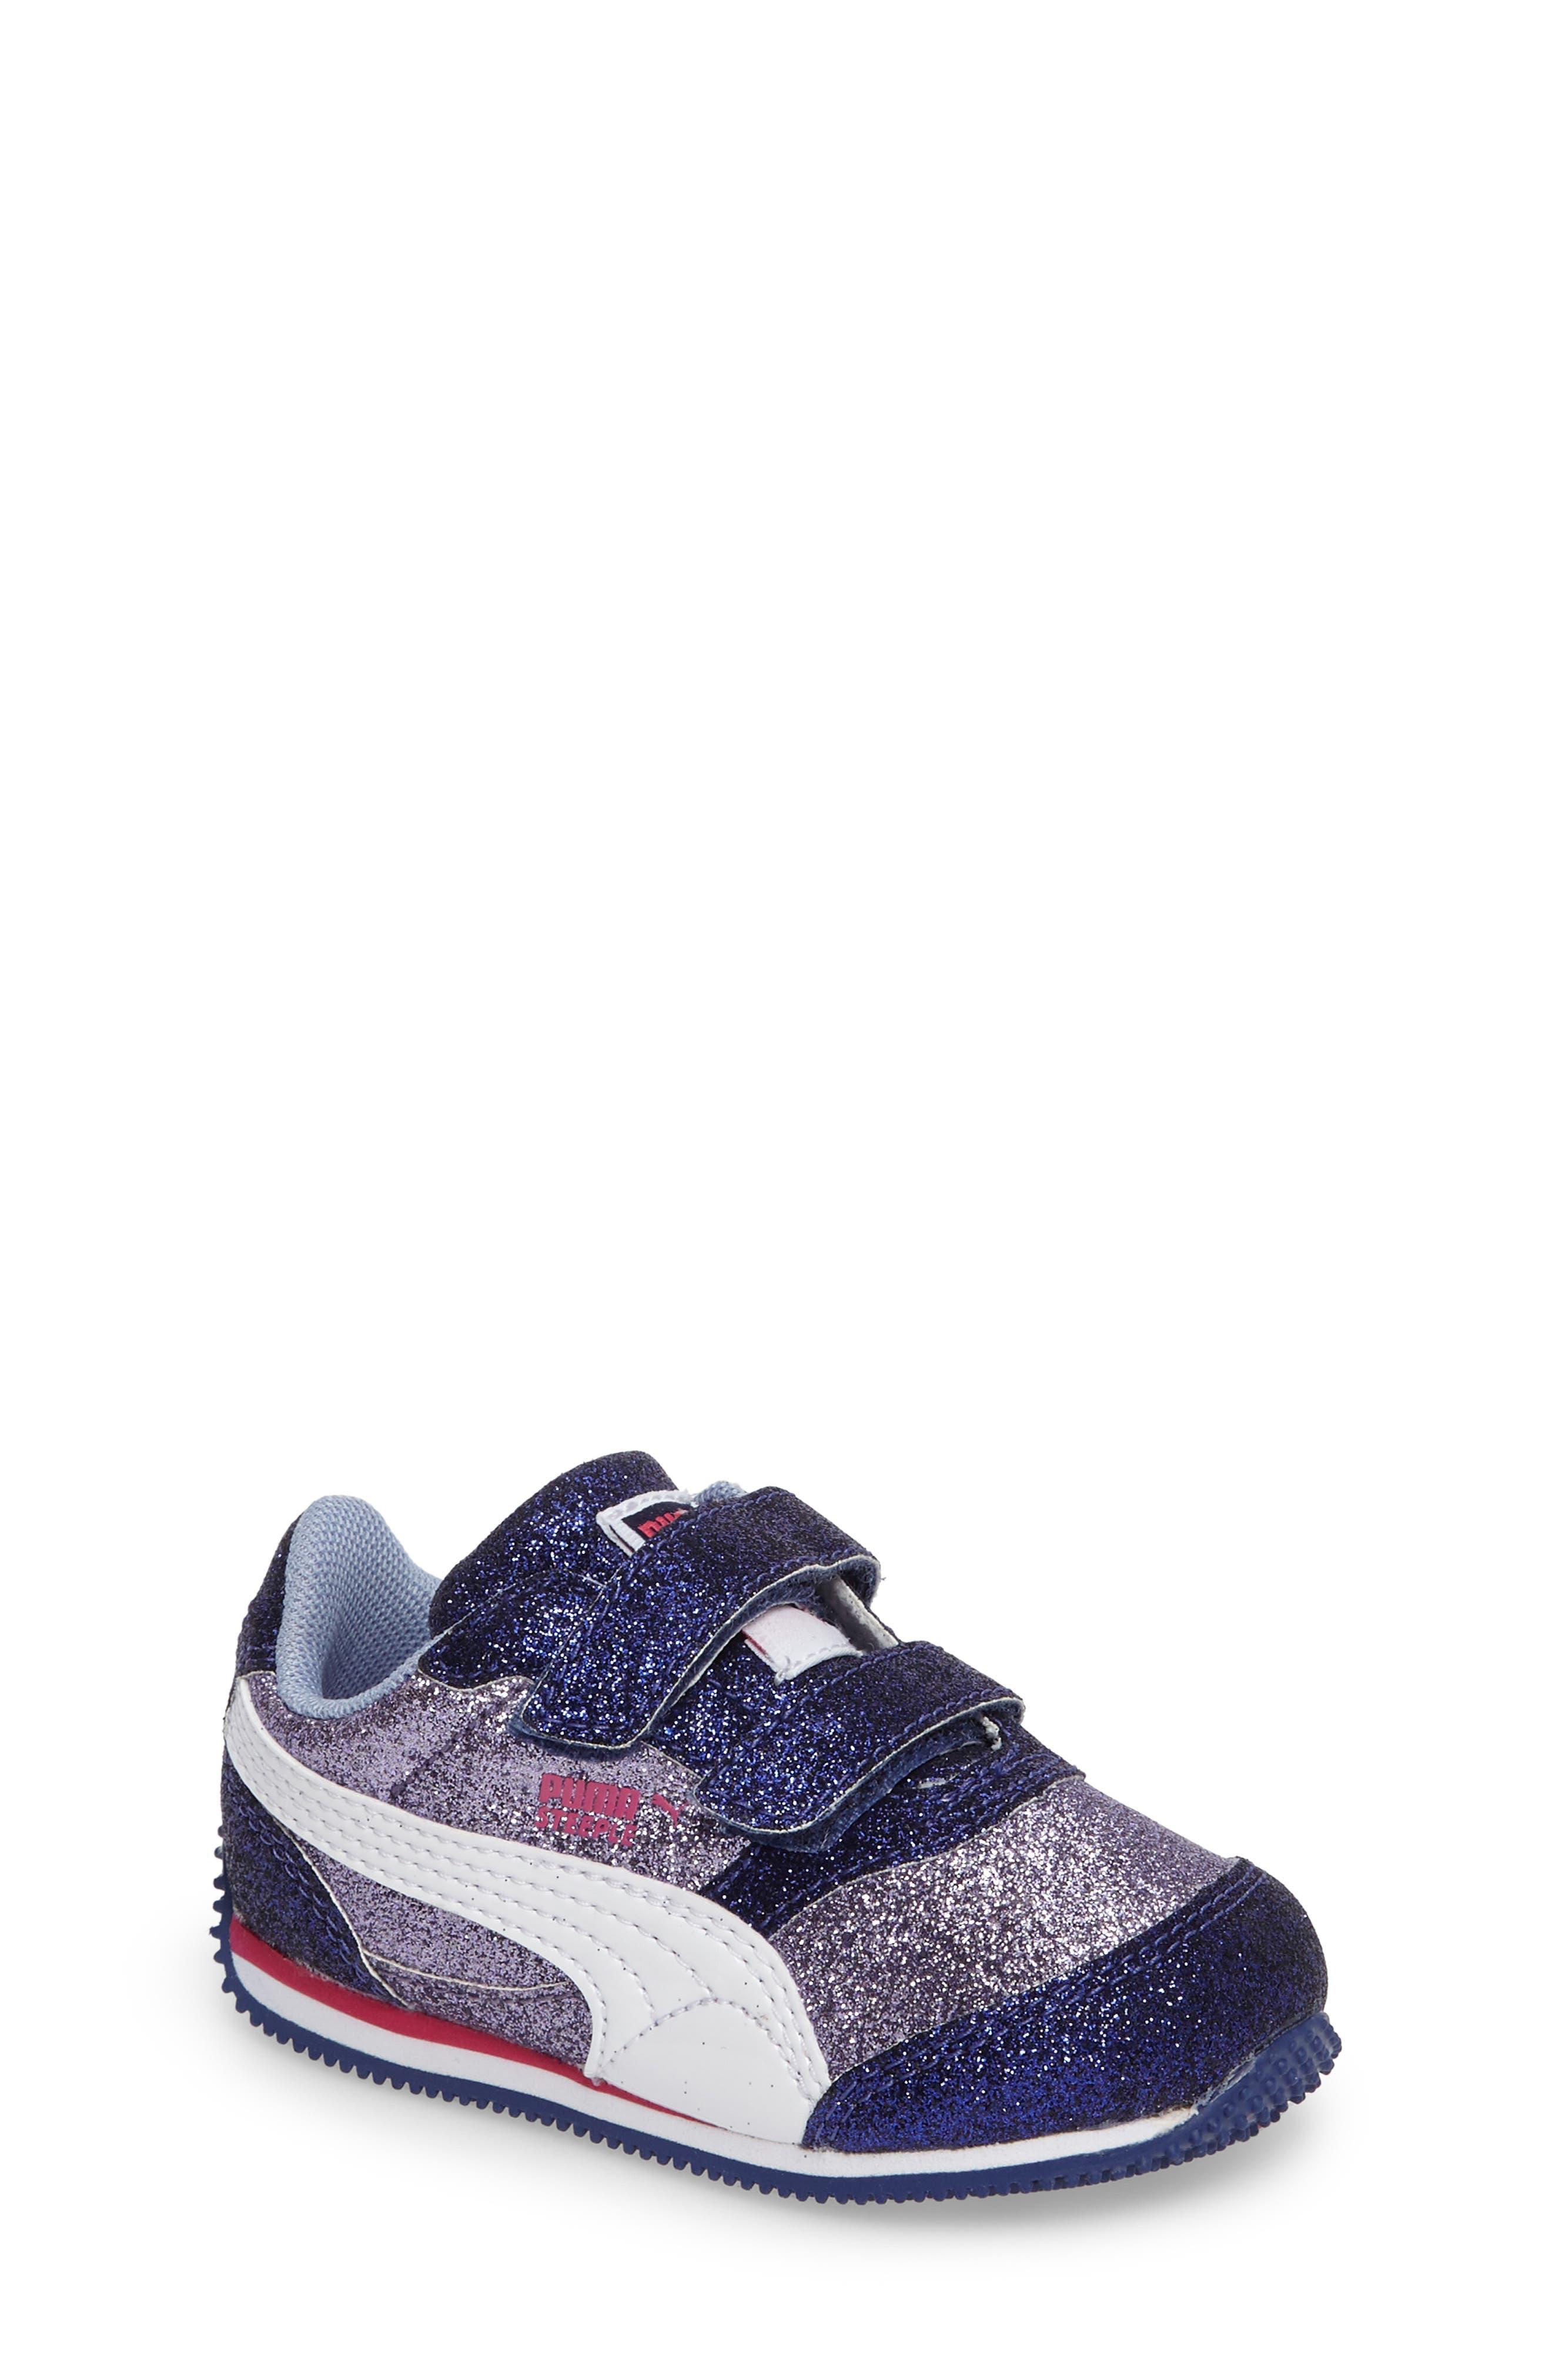 Steeple Glitz Glam Sneaker,                         Main,                         color, 500